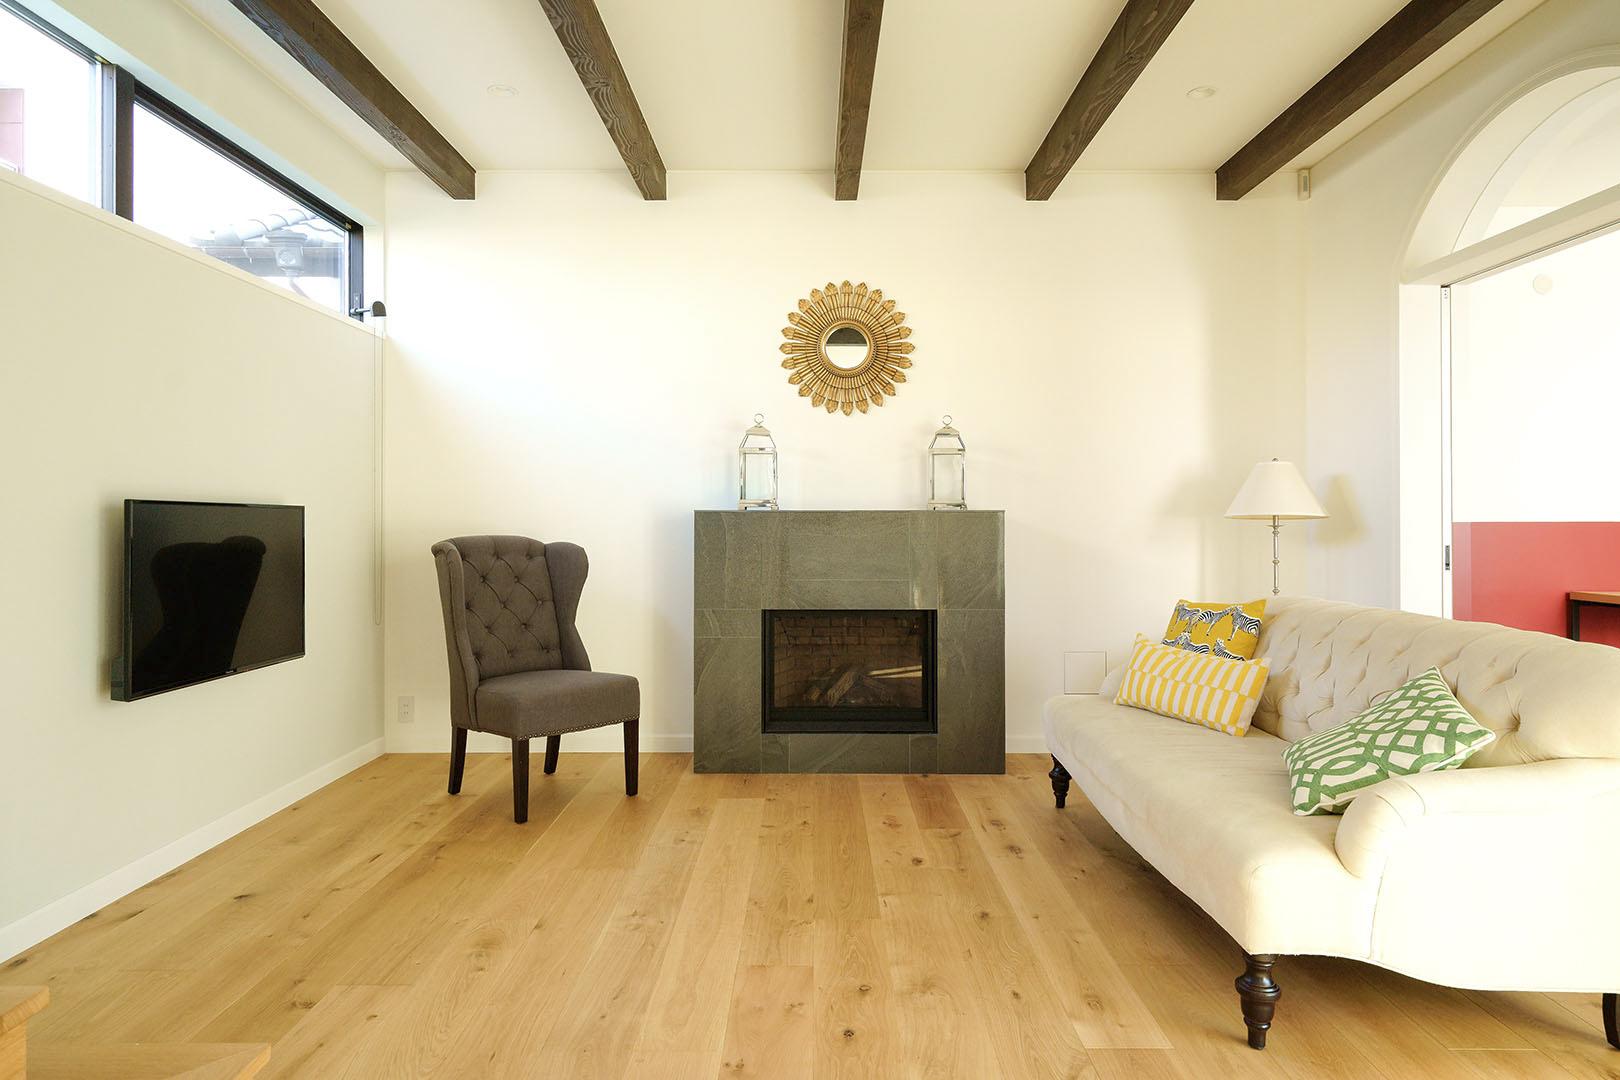 暖炉のある家_H建築スタジオ